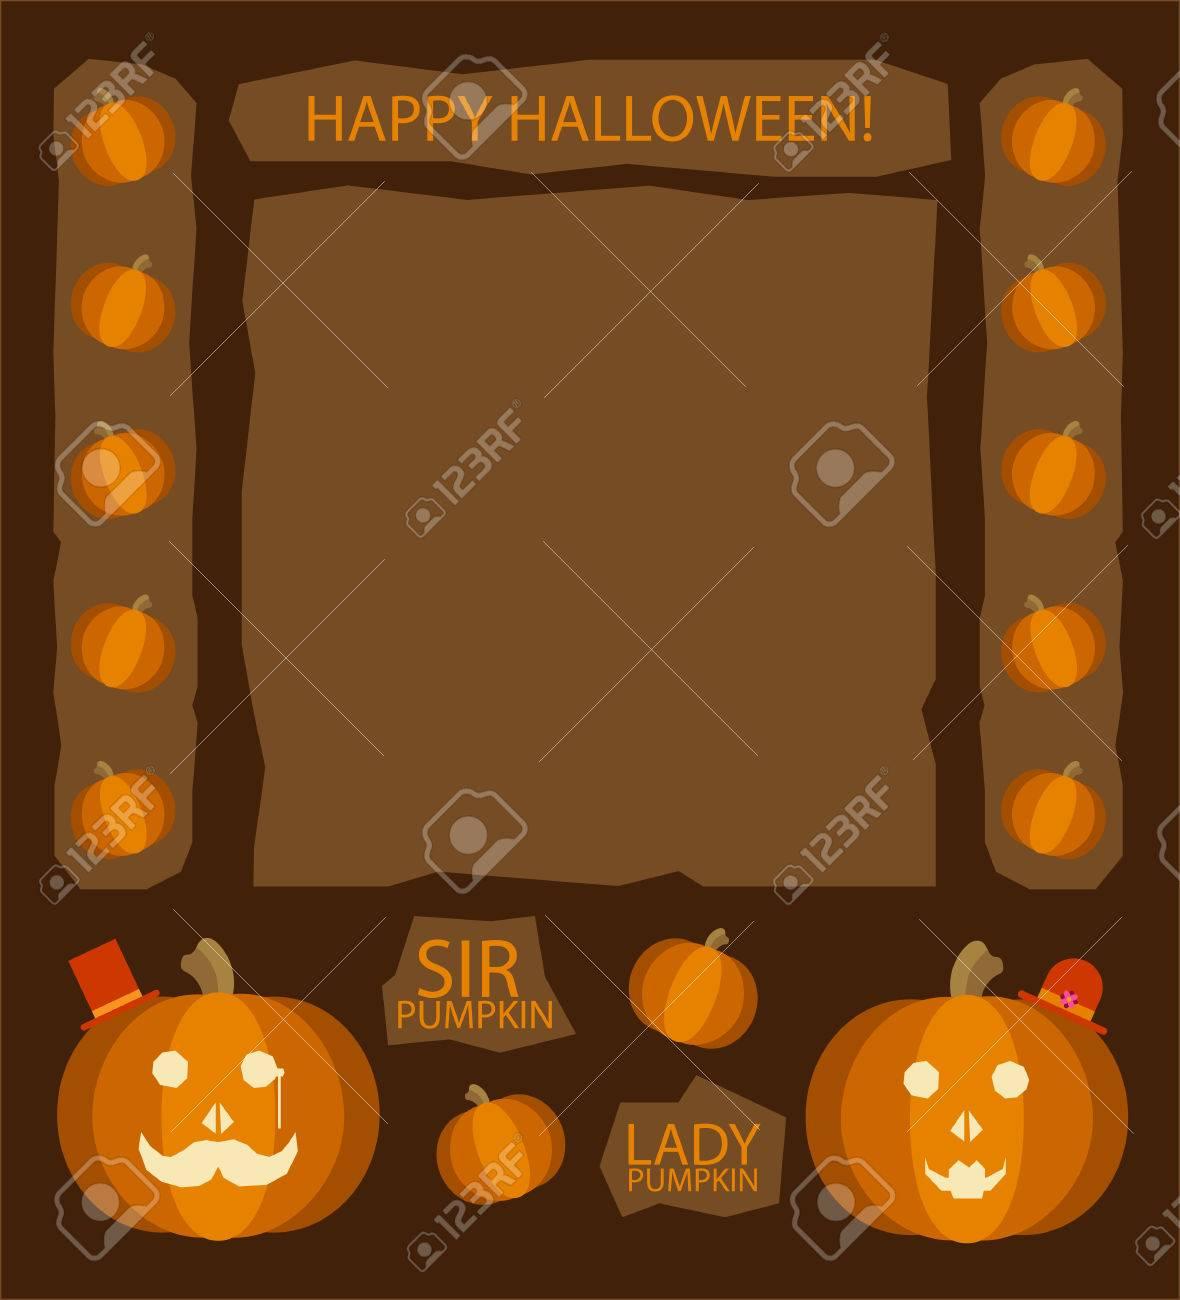 Zucche Di Halloween Cartoni Animati.Zucche Di Halloween Sir E Lady Zucca Personaggi Dei Cartoni Animati Retro